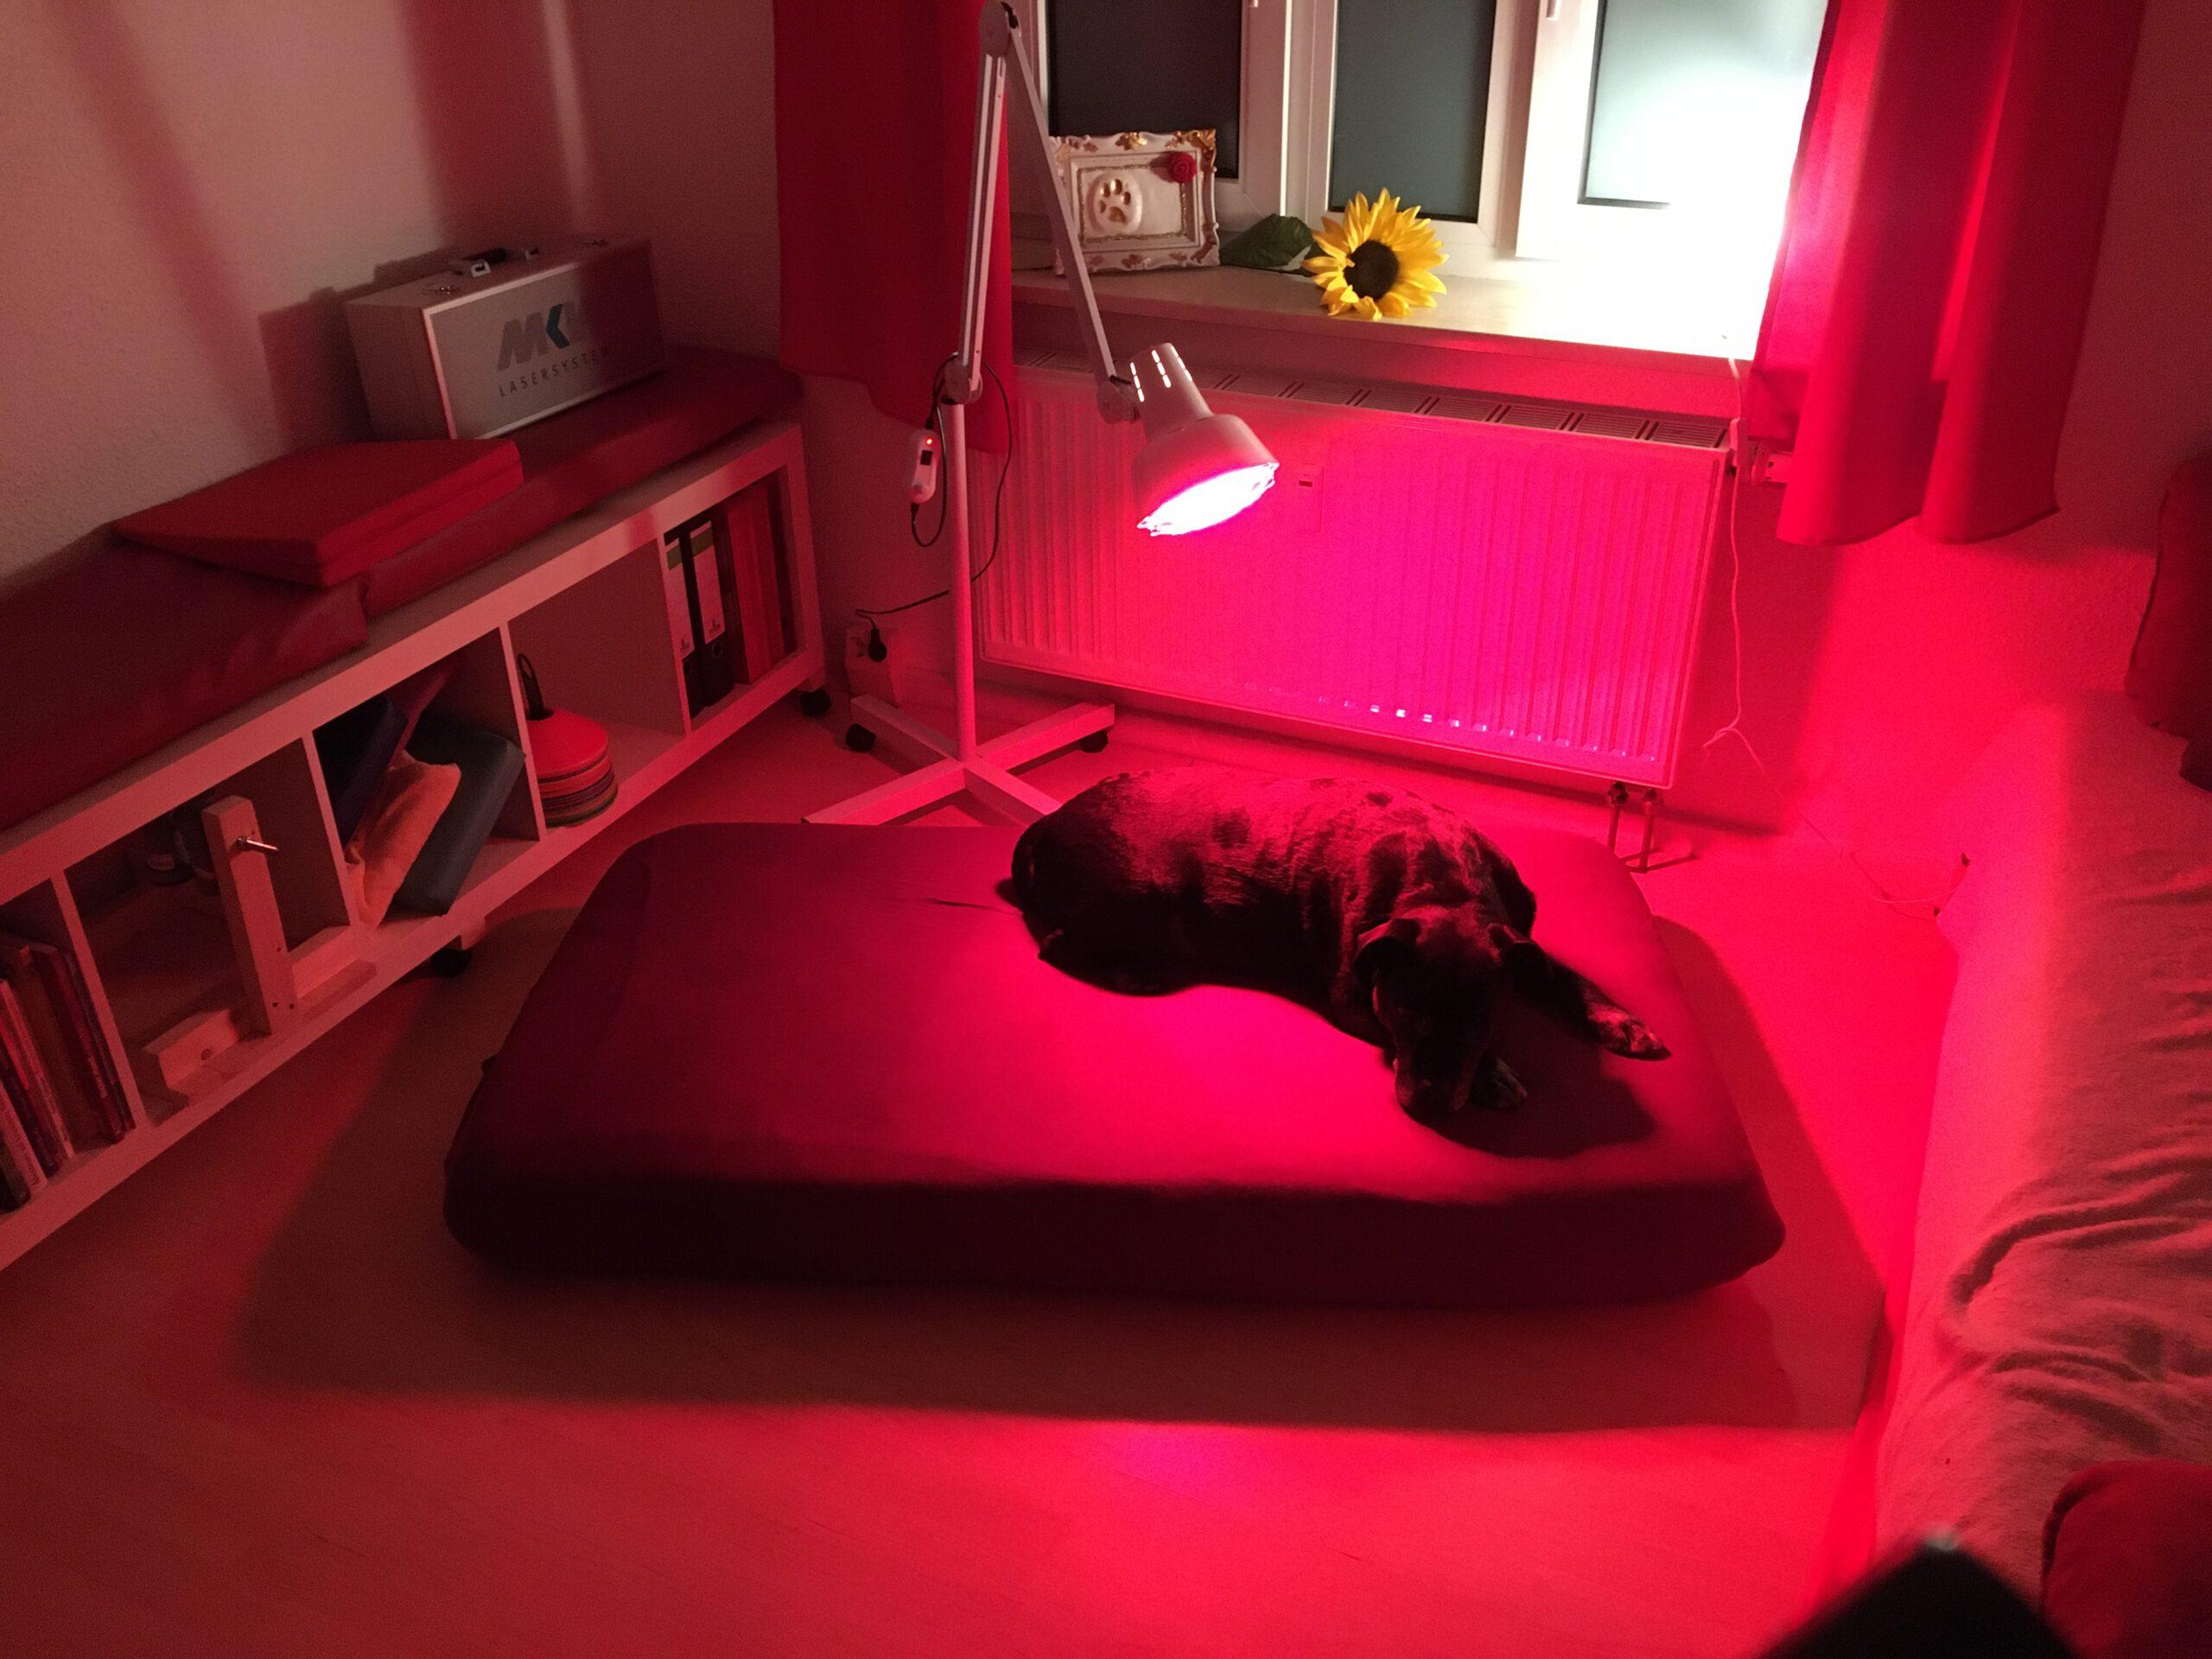 Wärmetherapie Rotlichtlampe Das hilft deinem Hund bei Arthrose Hundephysio Tierheilpraxis Zauberhunde Dresden